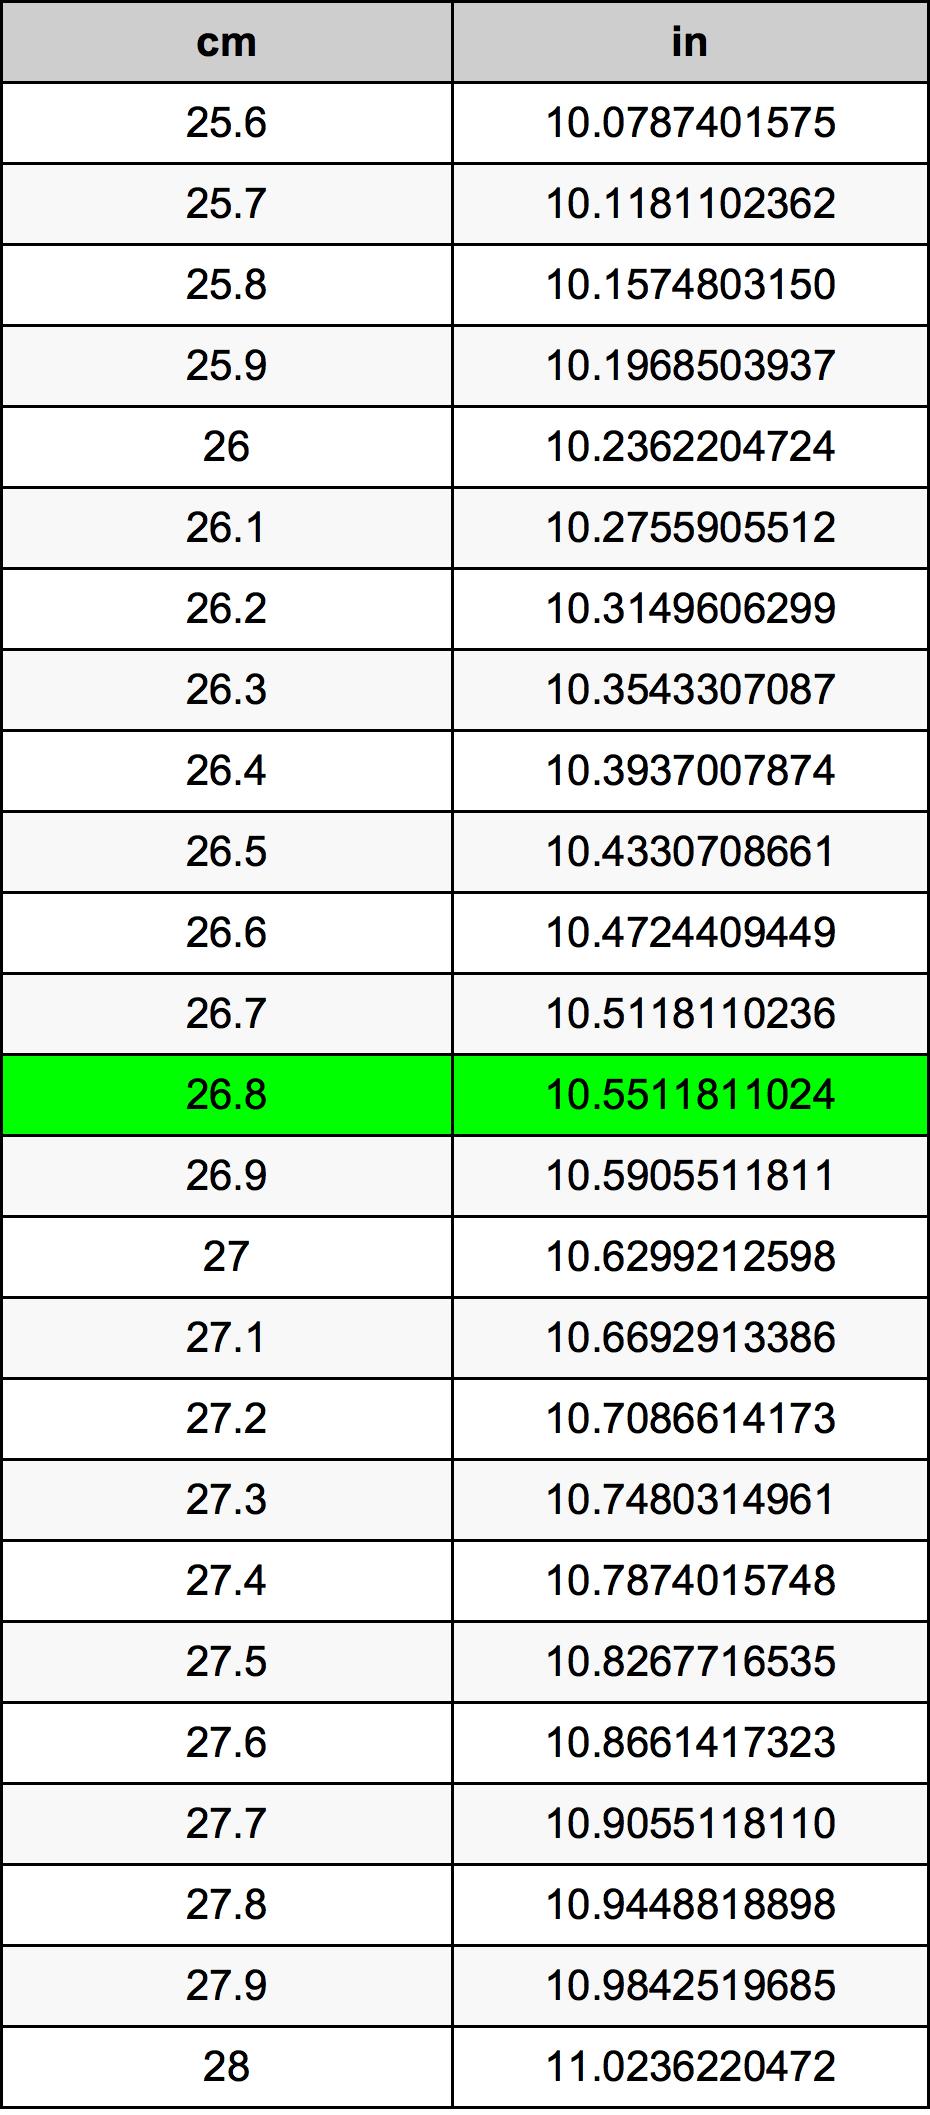 26.8 Centiméter átszámítási táblázat